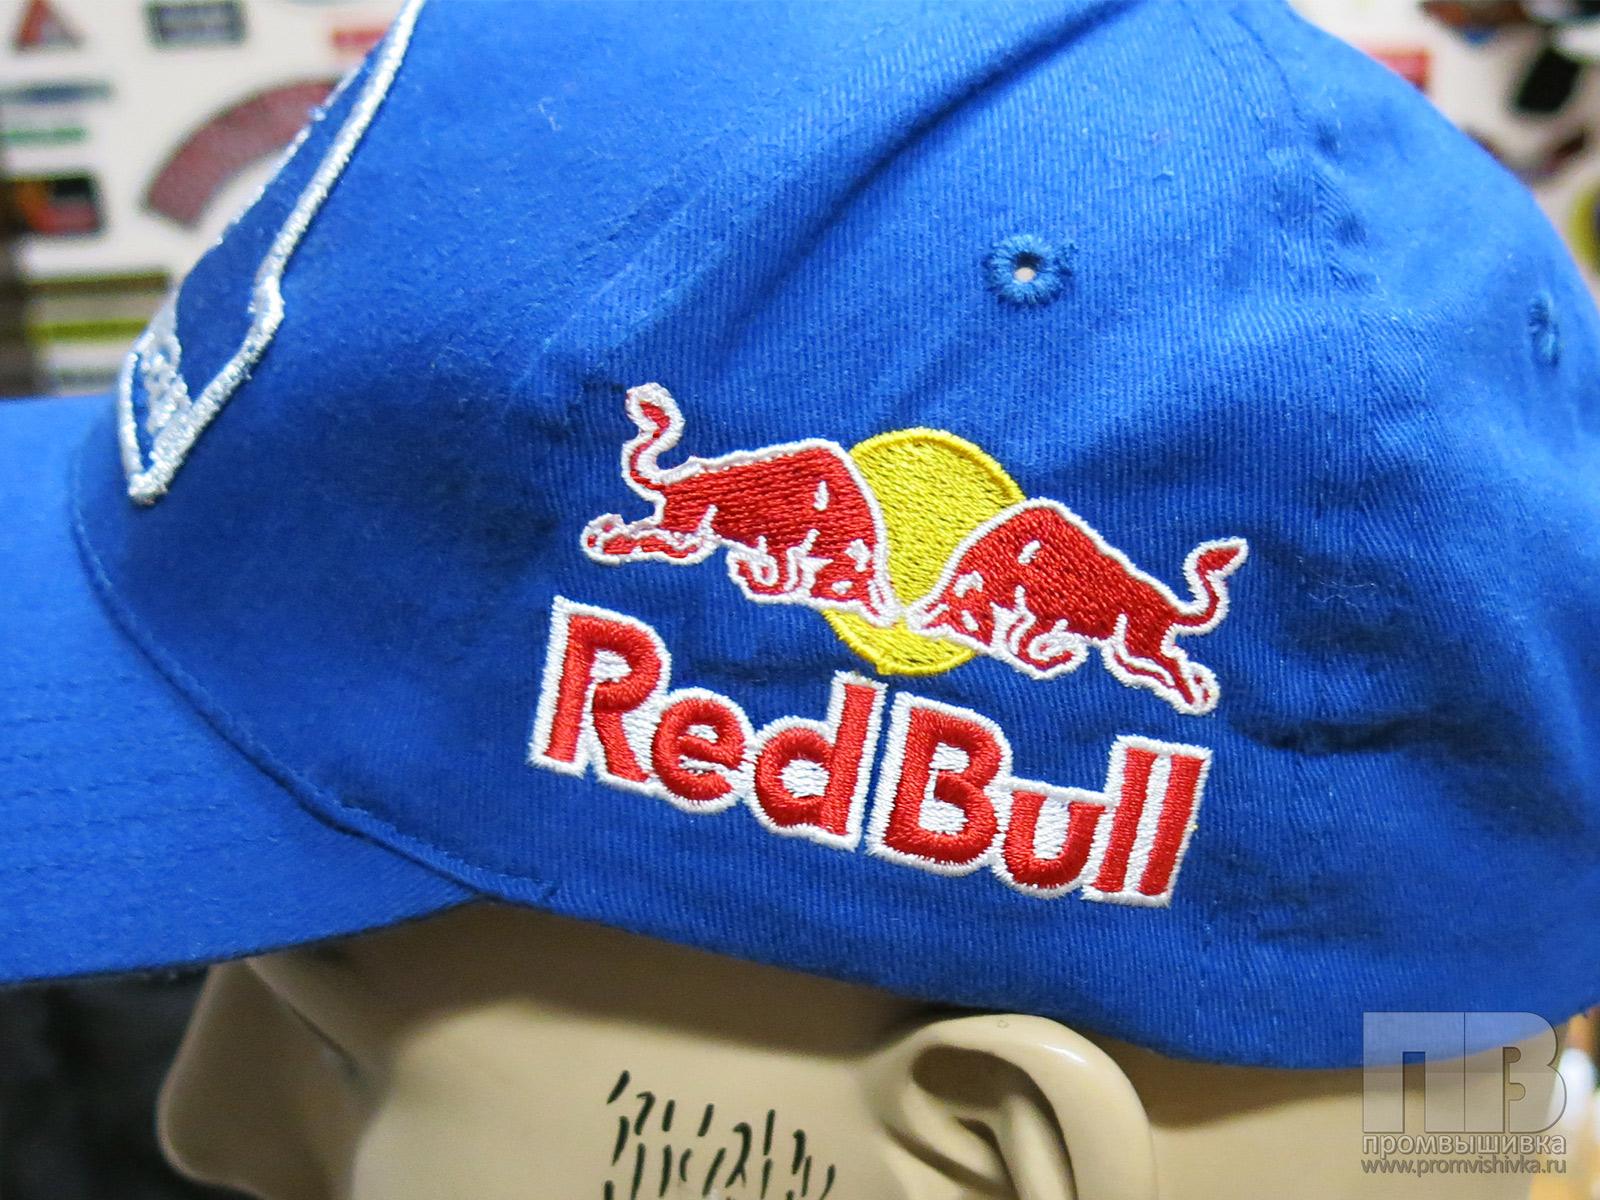 Вышивка логотипа на кепке 66